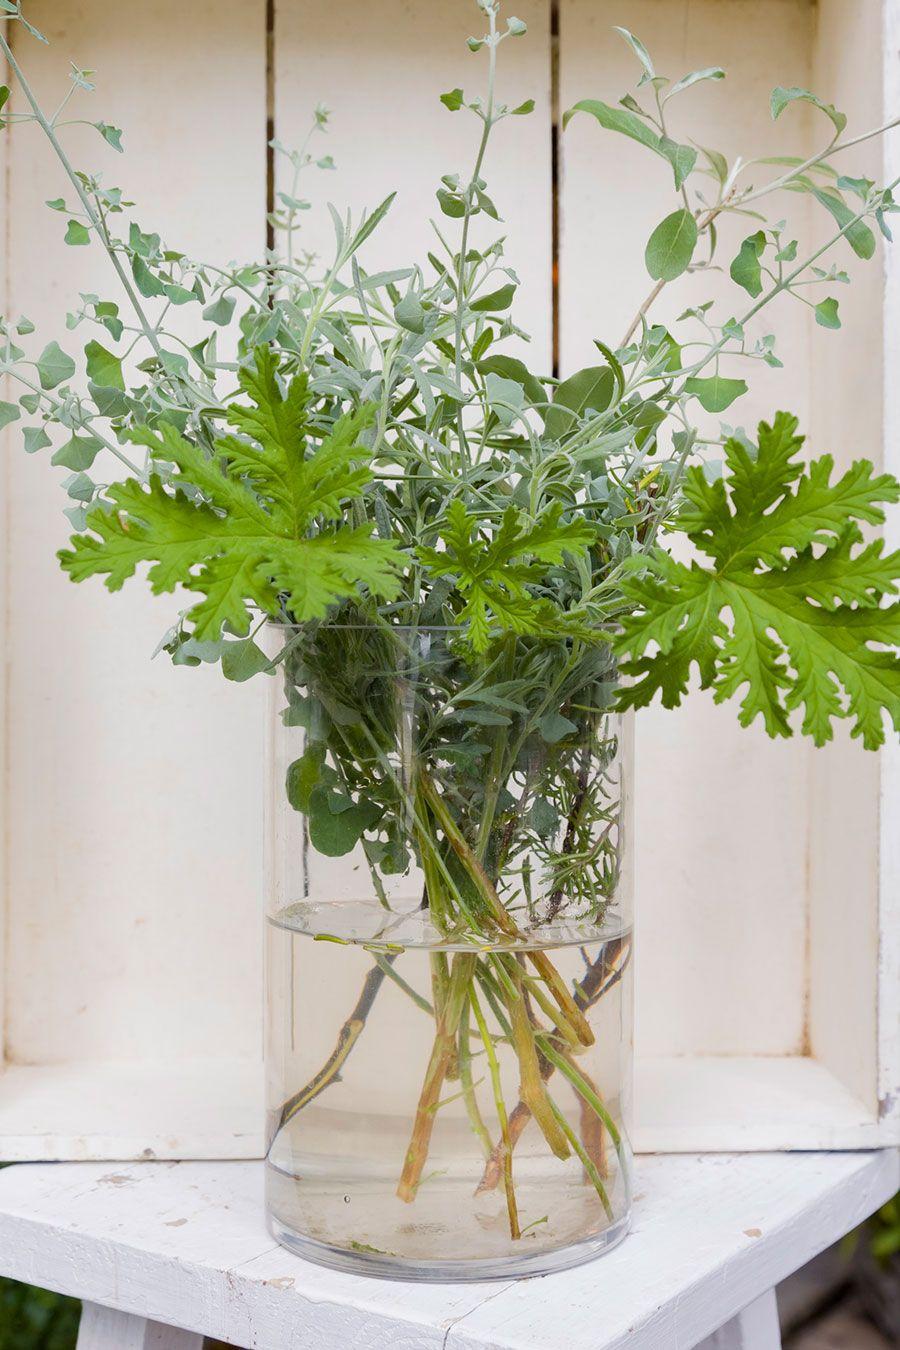 植物の力を生かすアイディア 3虫除けキャンドルとサシェを作る